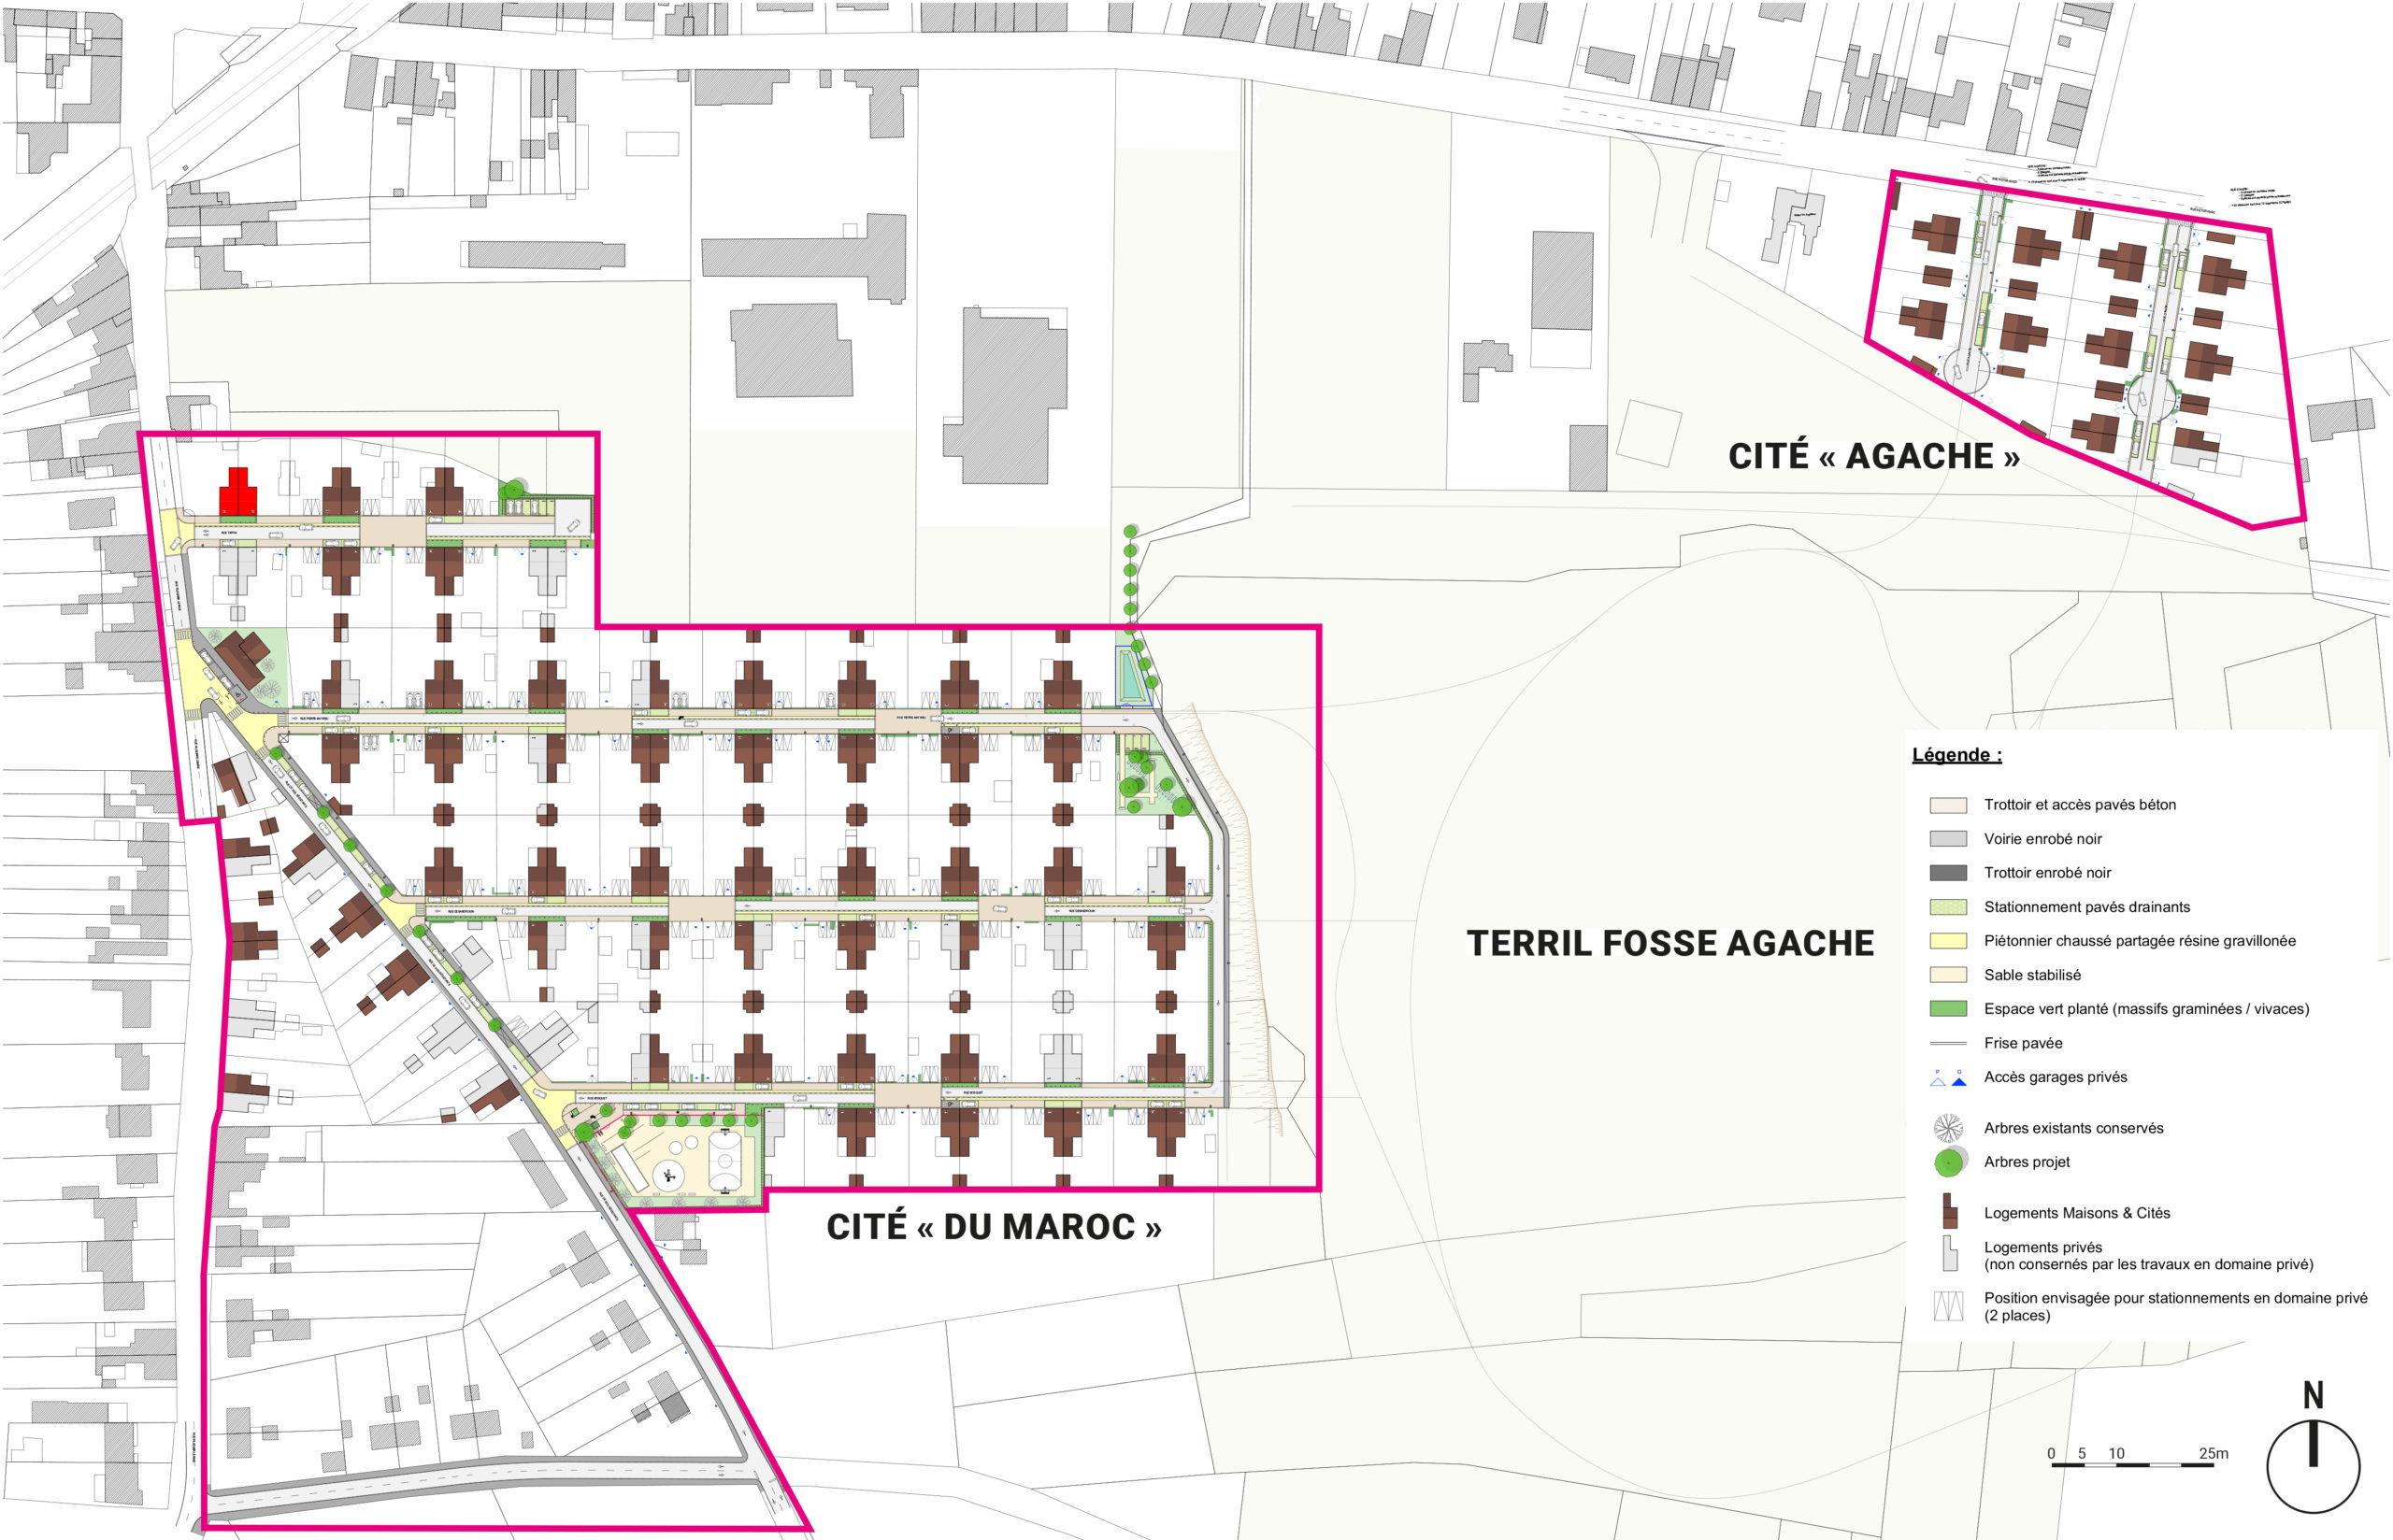 Plan masse projet d'aménagement urbain et paysager de l'ancienne Cité minière Agache à Fenain